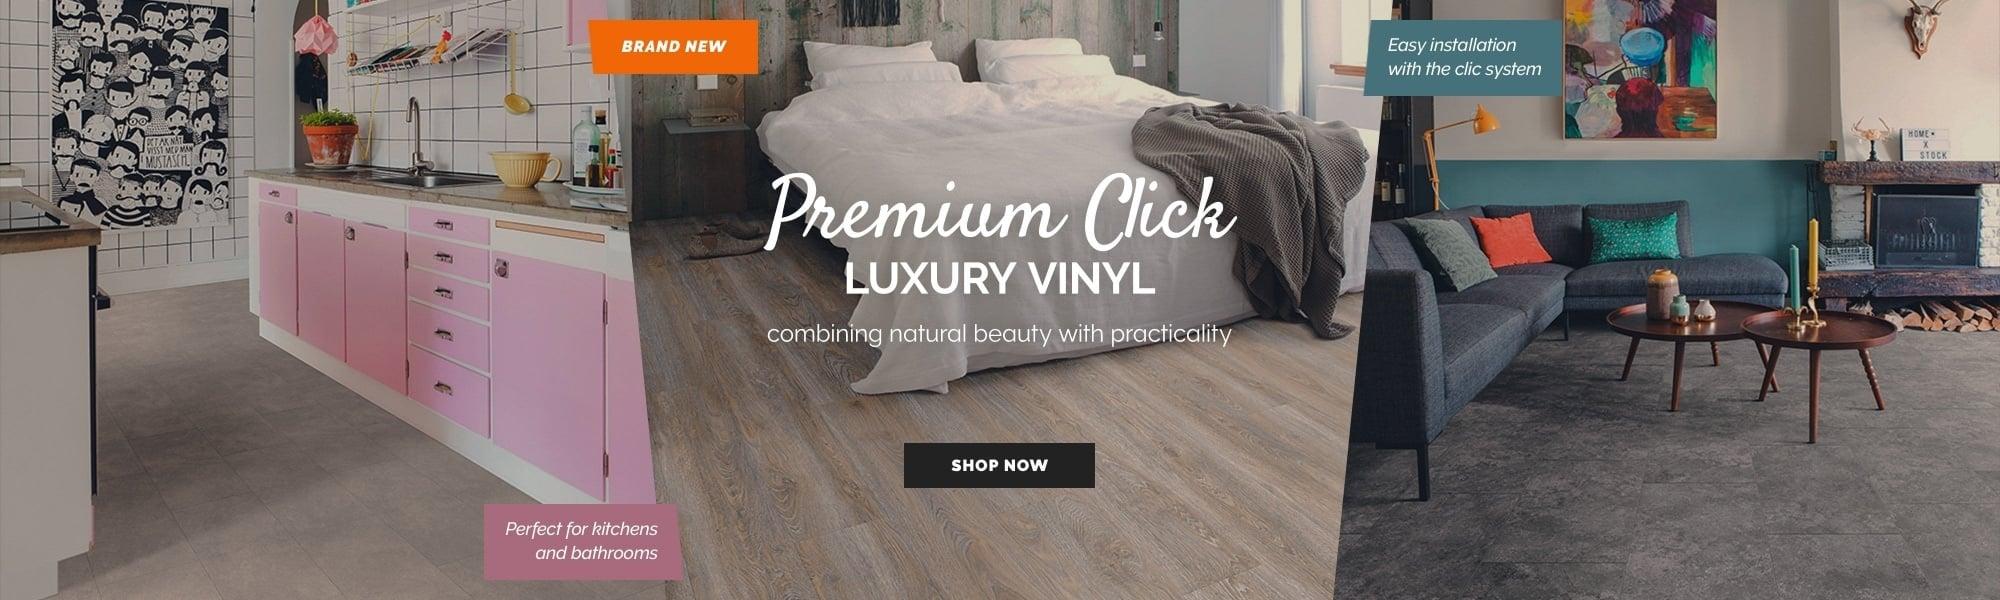 New - Premium Click